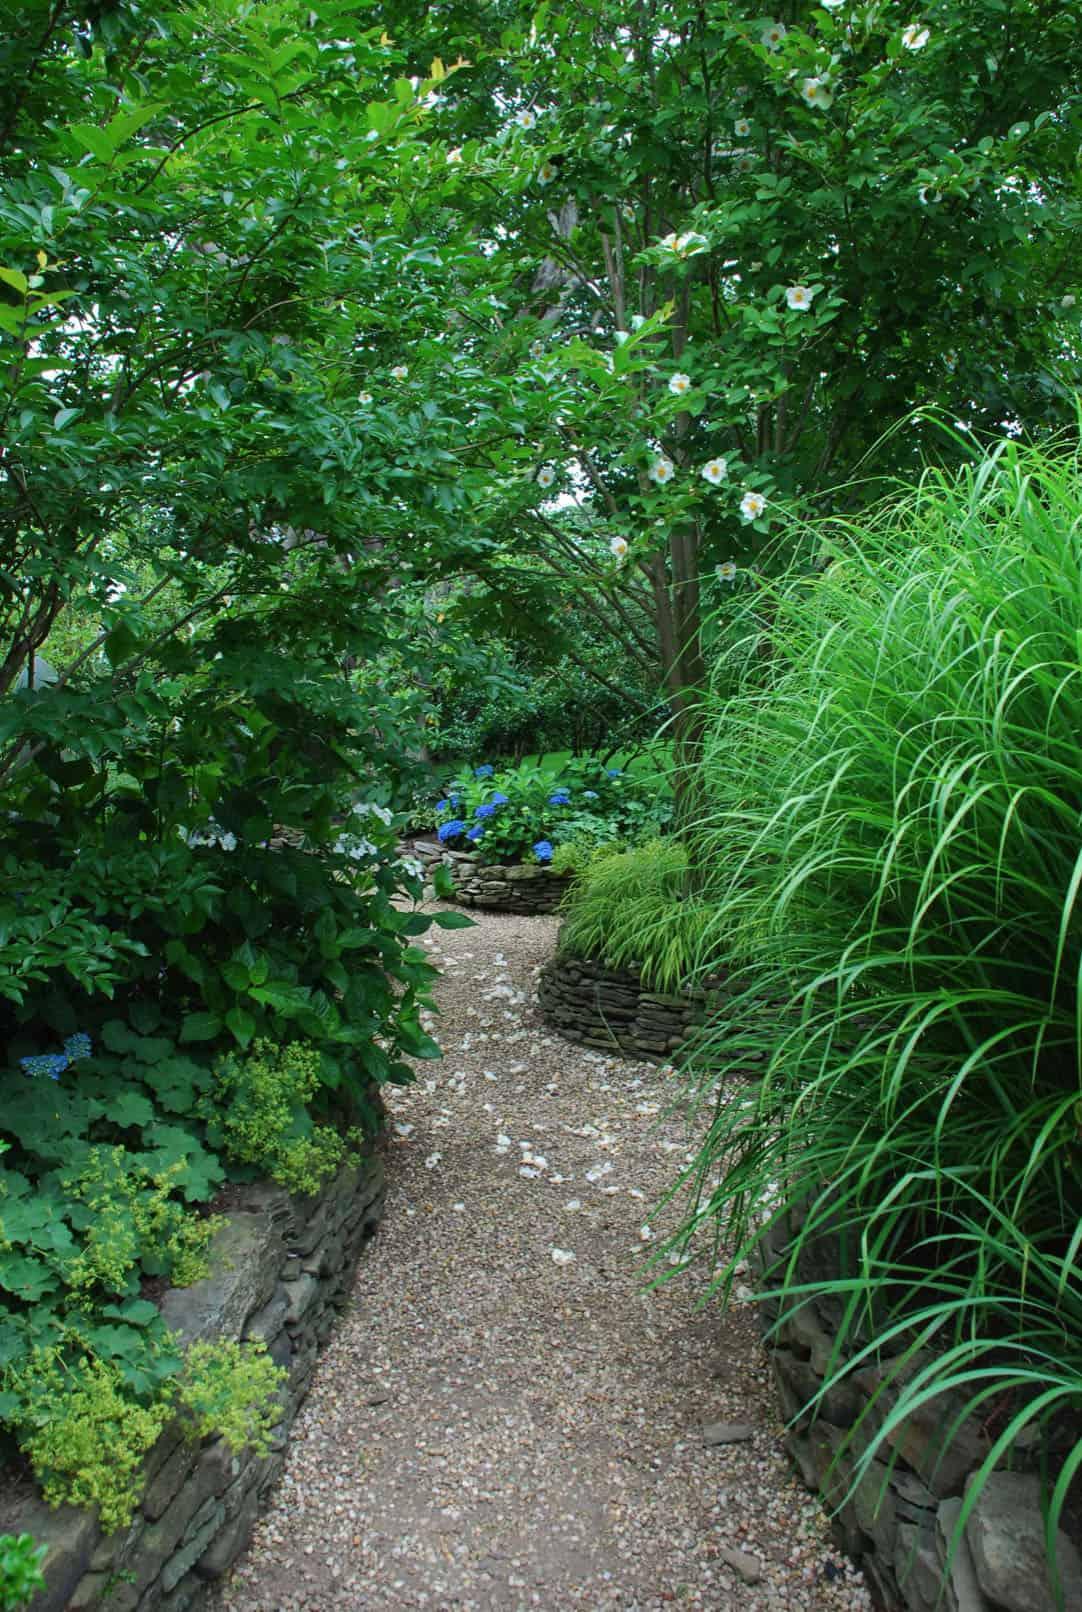 rock-garden-pathway